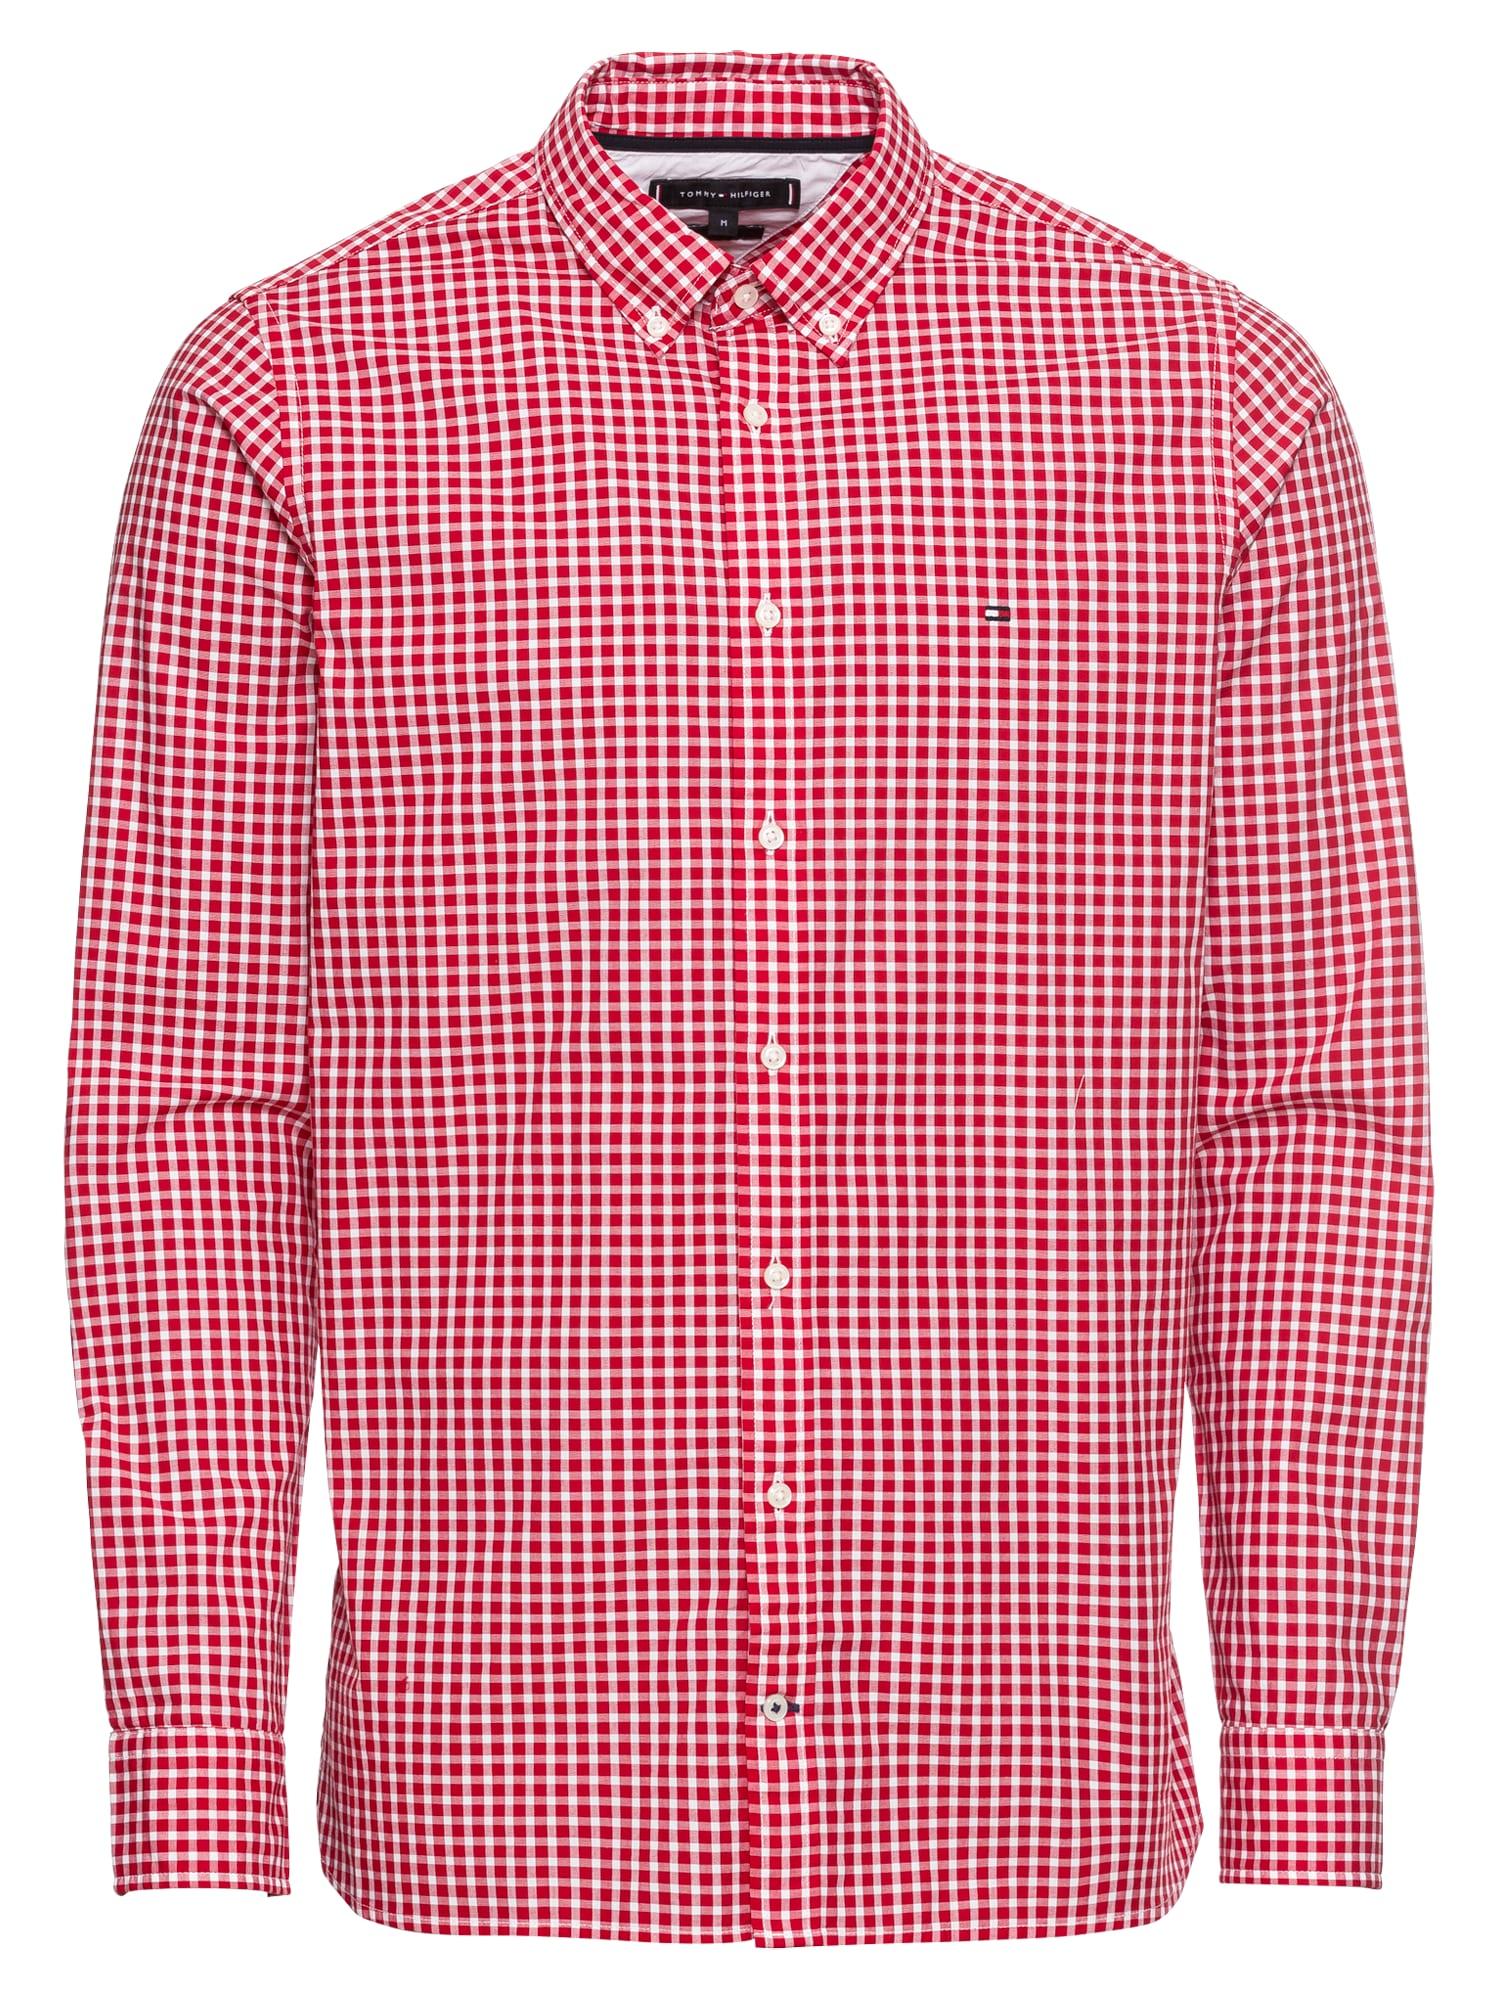 Košile SLIM CHECK SHIRT červená TOMMY HILFIGER